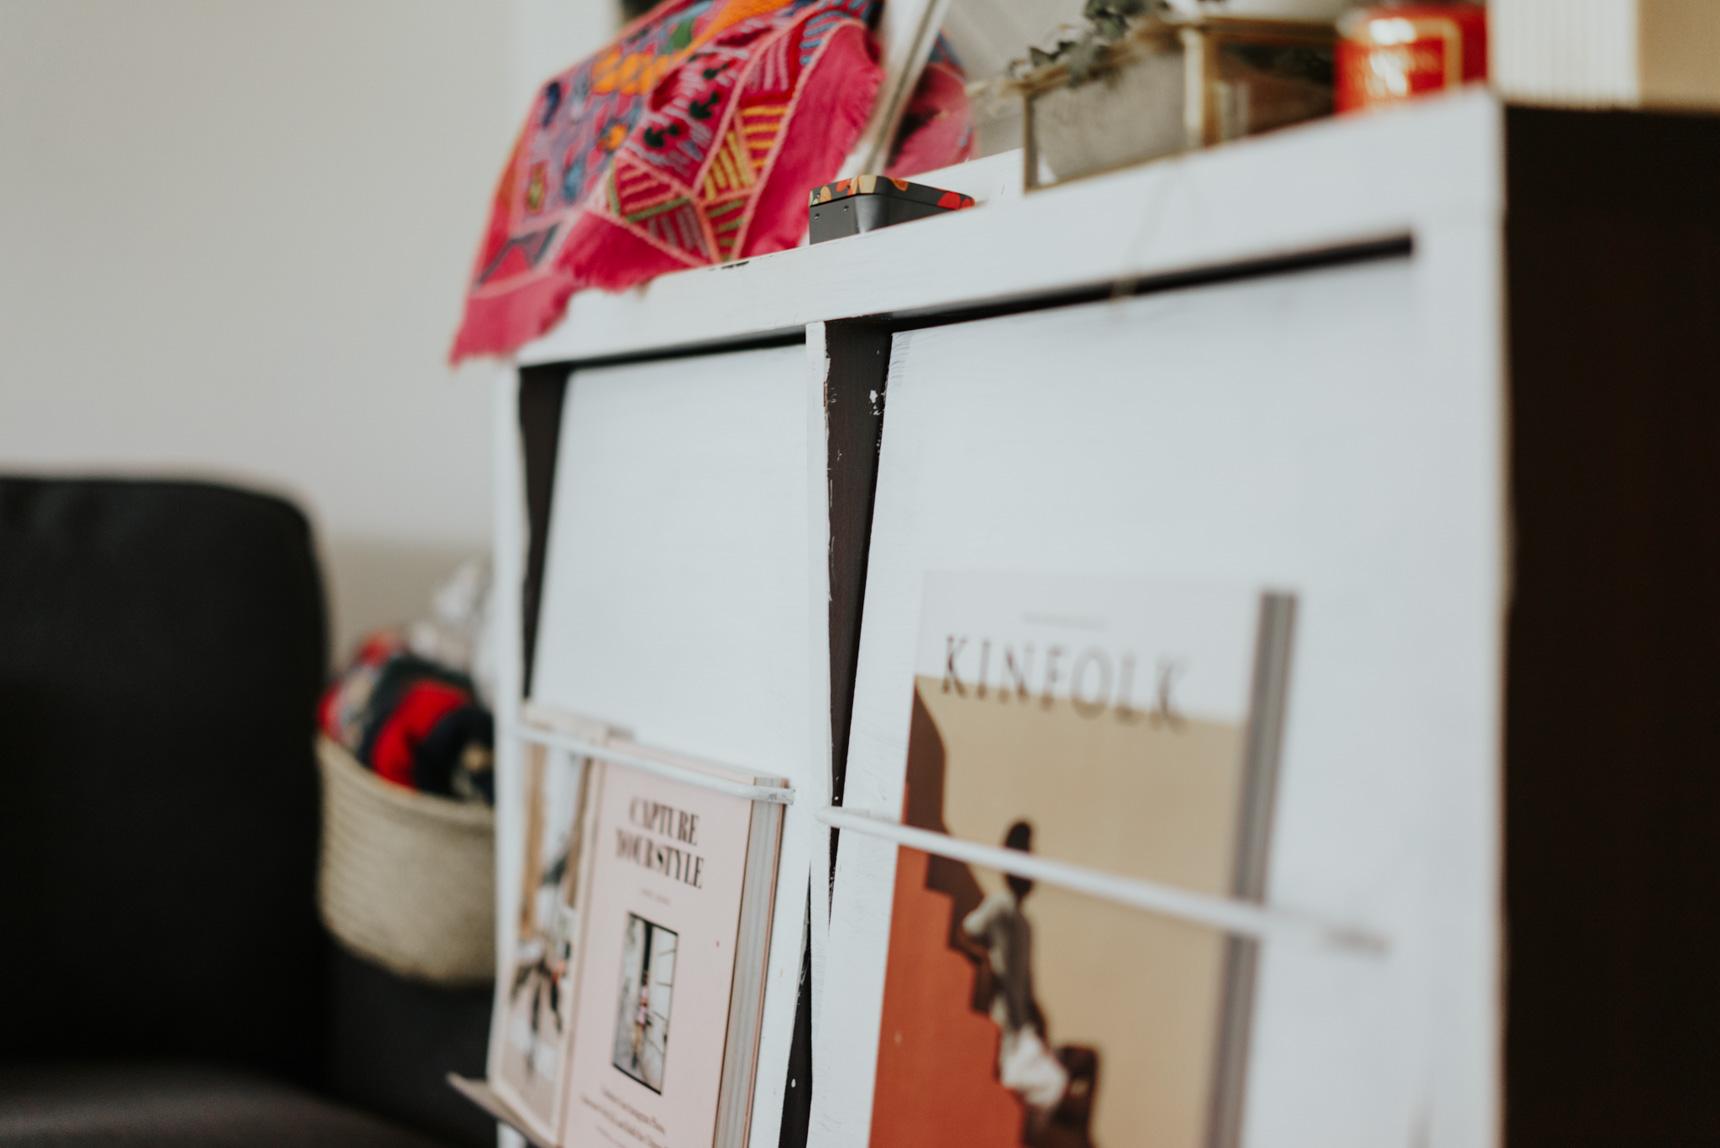 カバ―付きの棚は、それだけで目隠し効果があって便利。カバー部分に雑誌などを飾れるようになっているものは、表紙がお気に入りのものを置くのもいいですね(このお部屋はこちら)